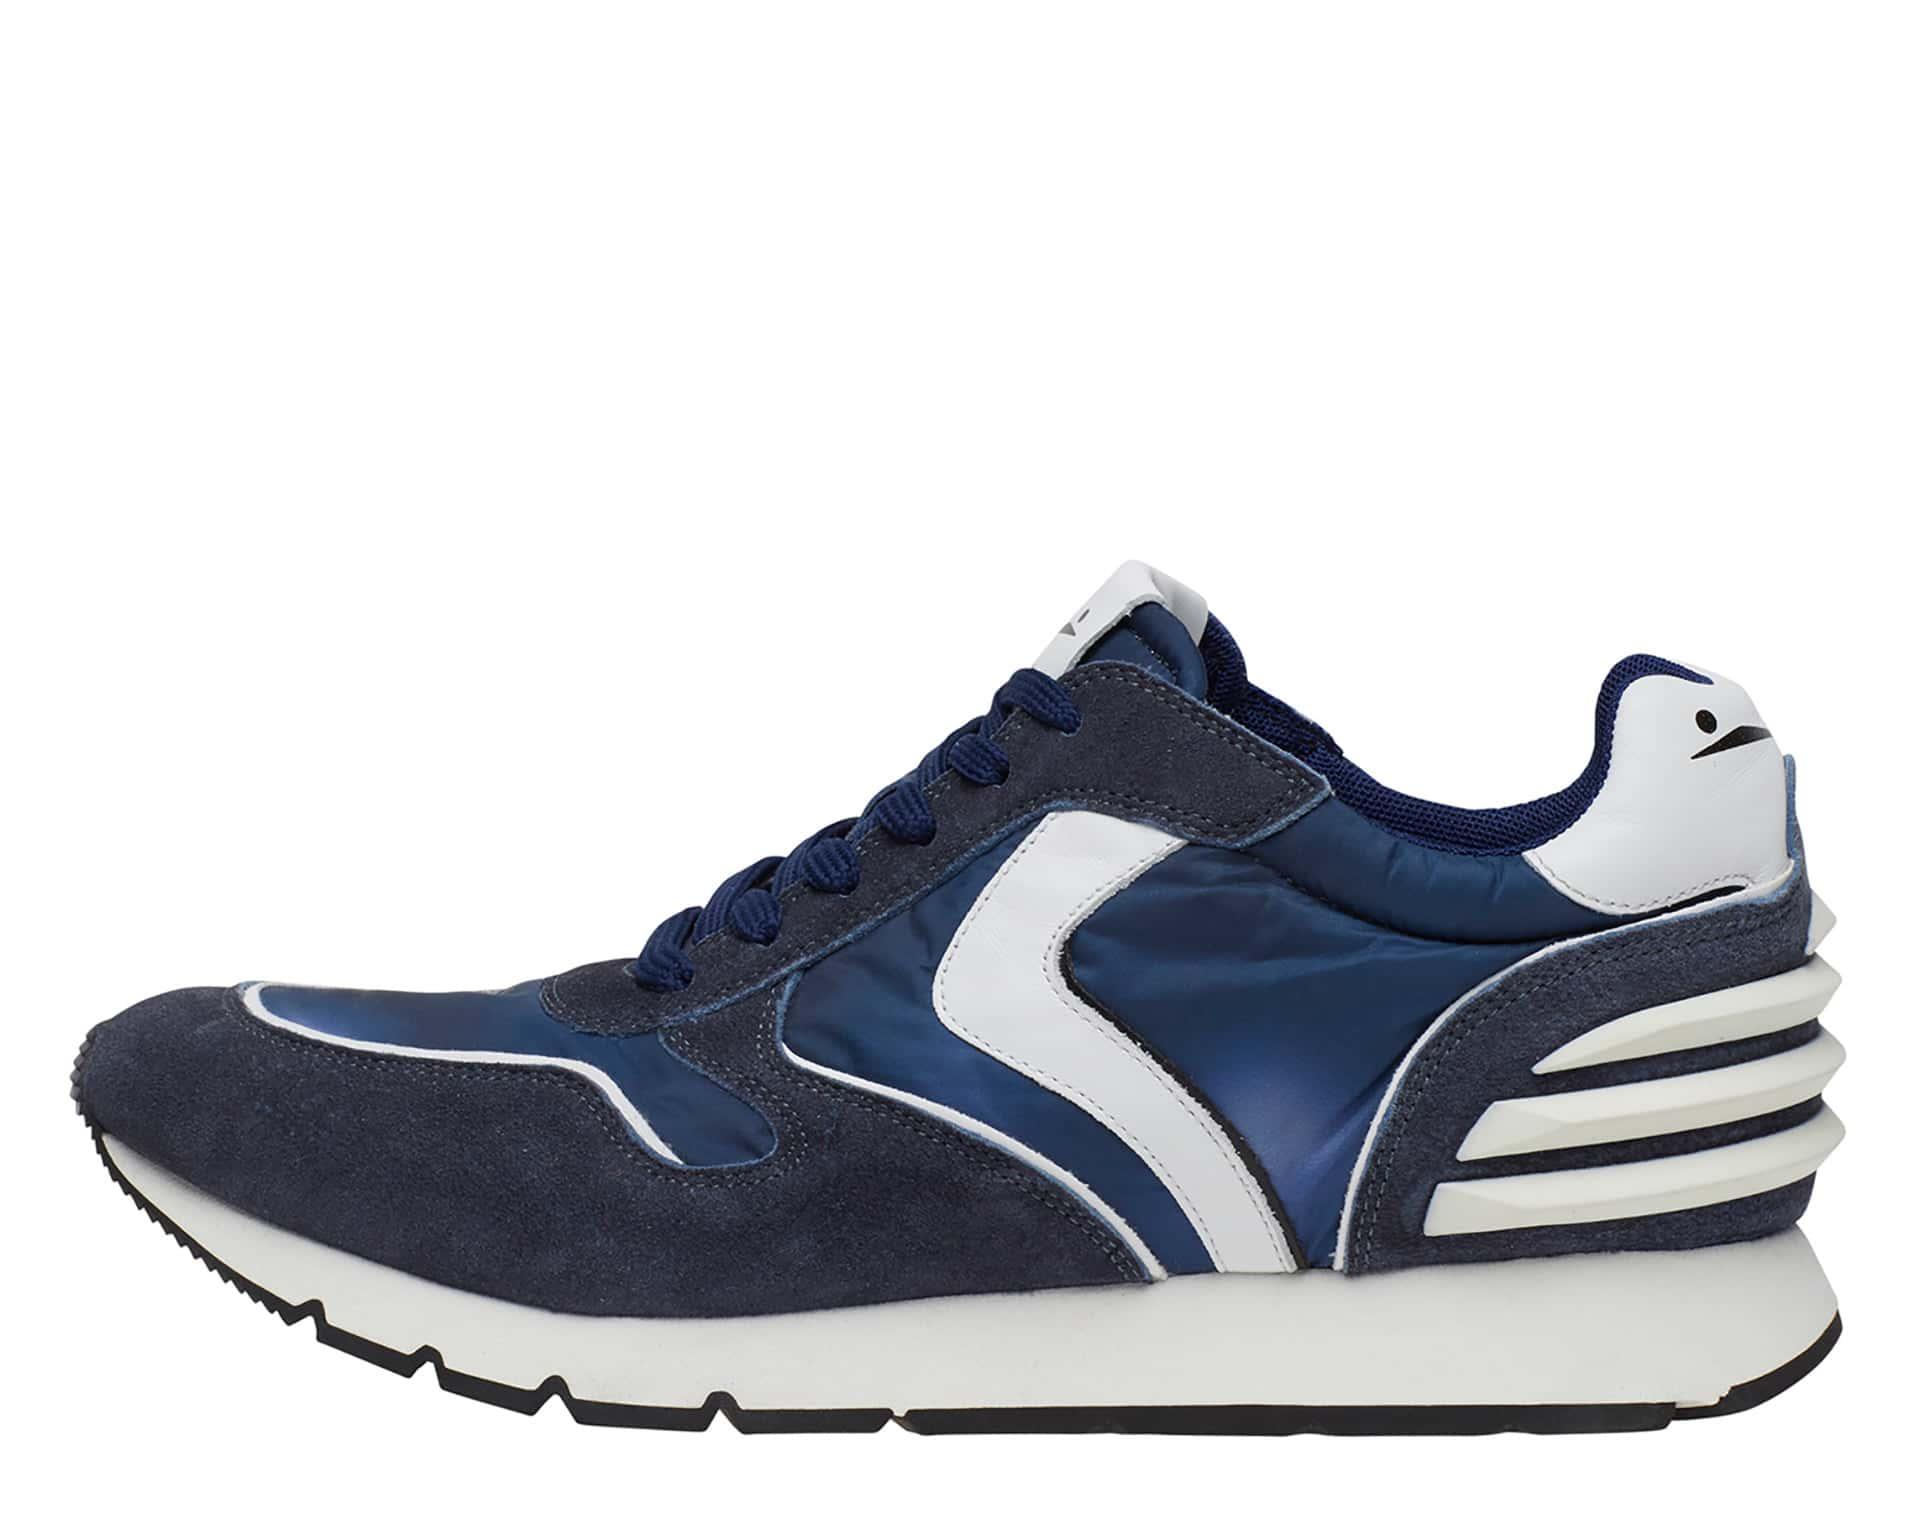 LIAM POWER - Sneakers in pelle e nylon - Blu